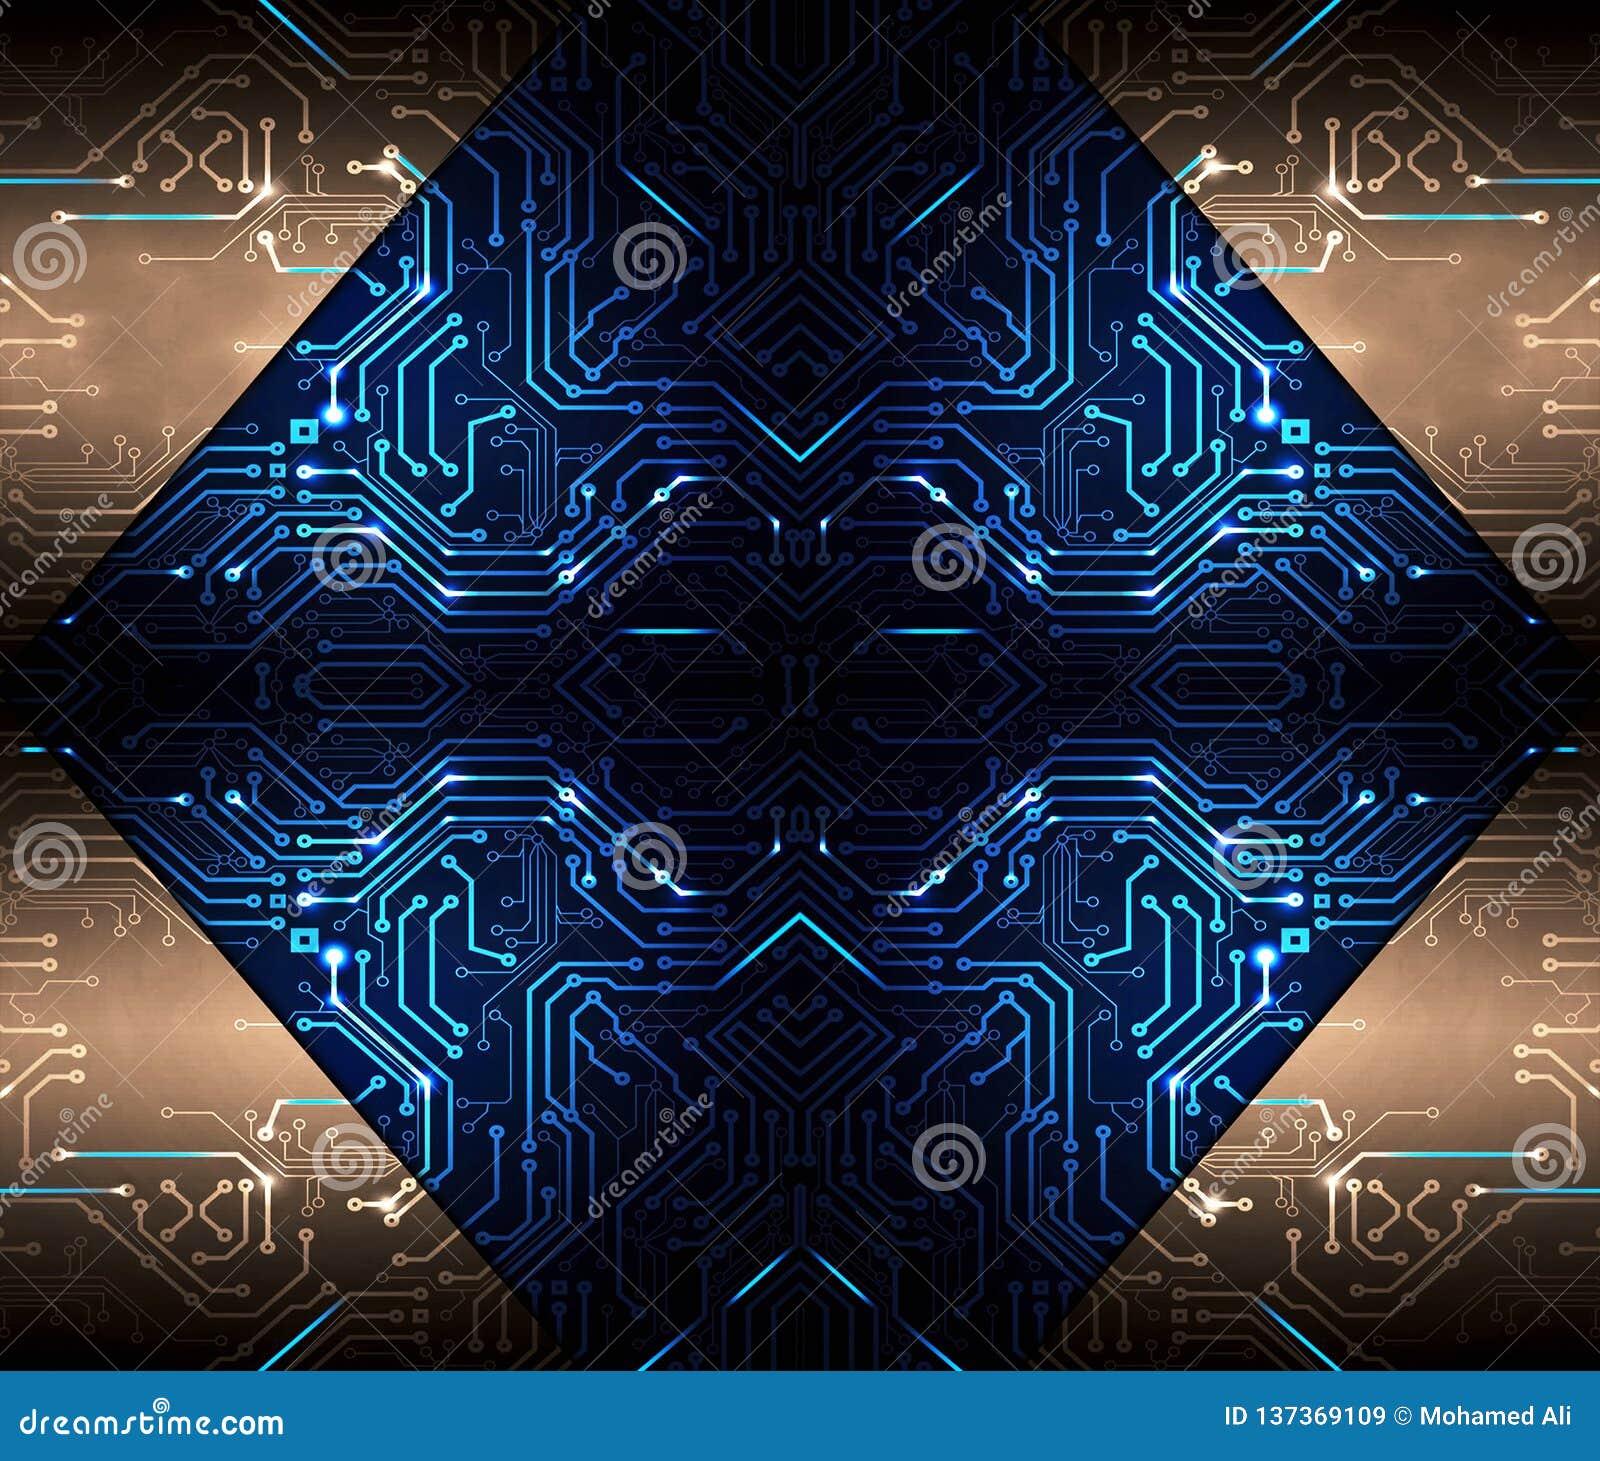 Ilustraciones multicoloras tecnológicas modernas artísticas del extracto como fondo único